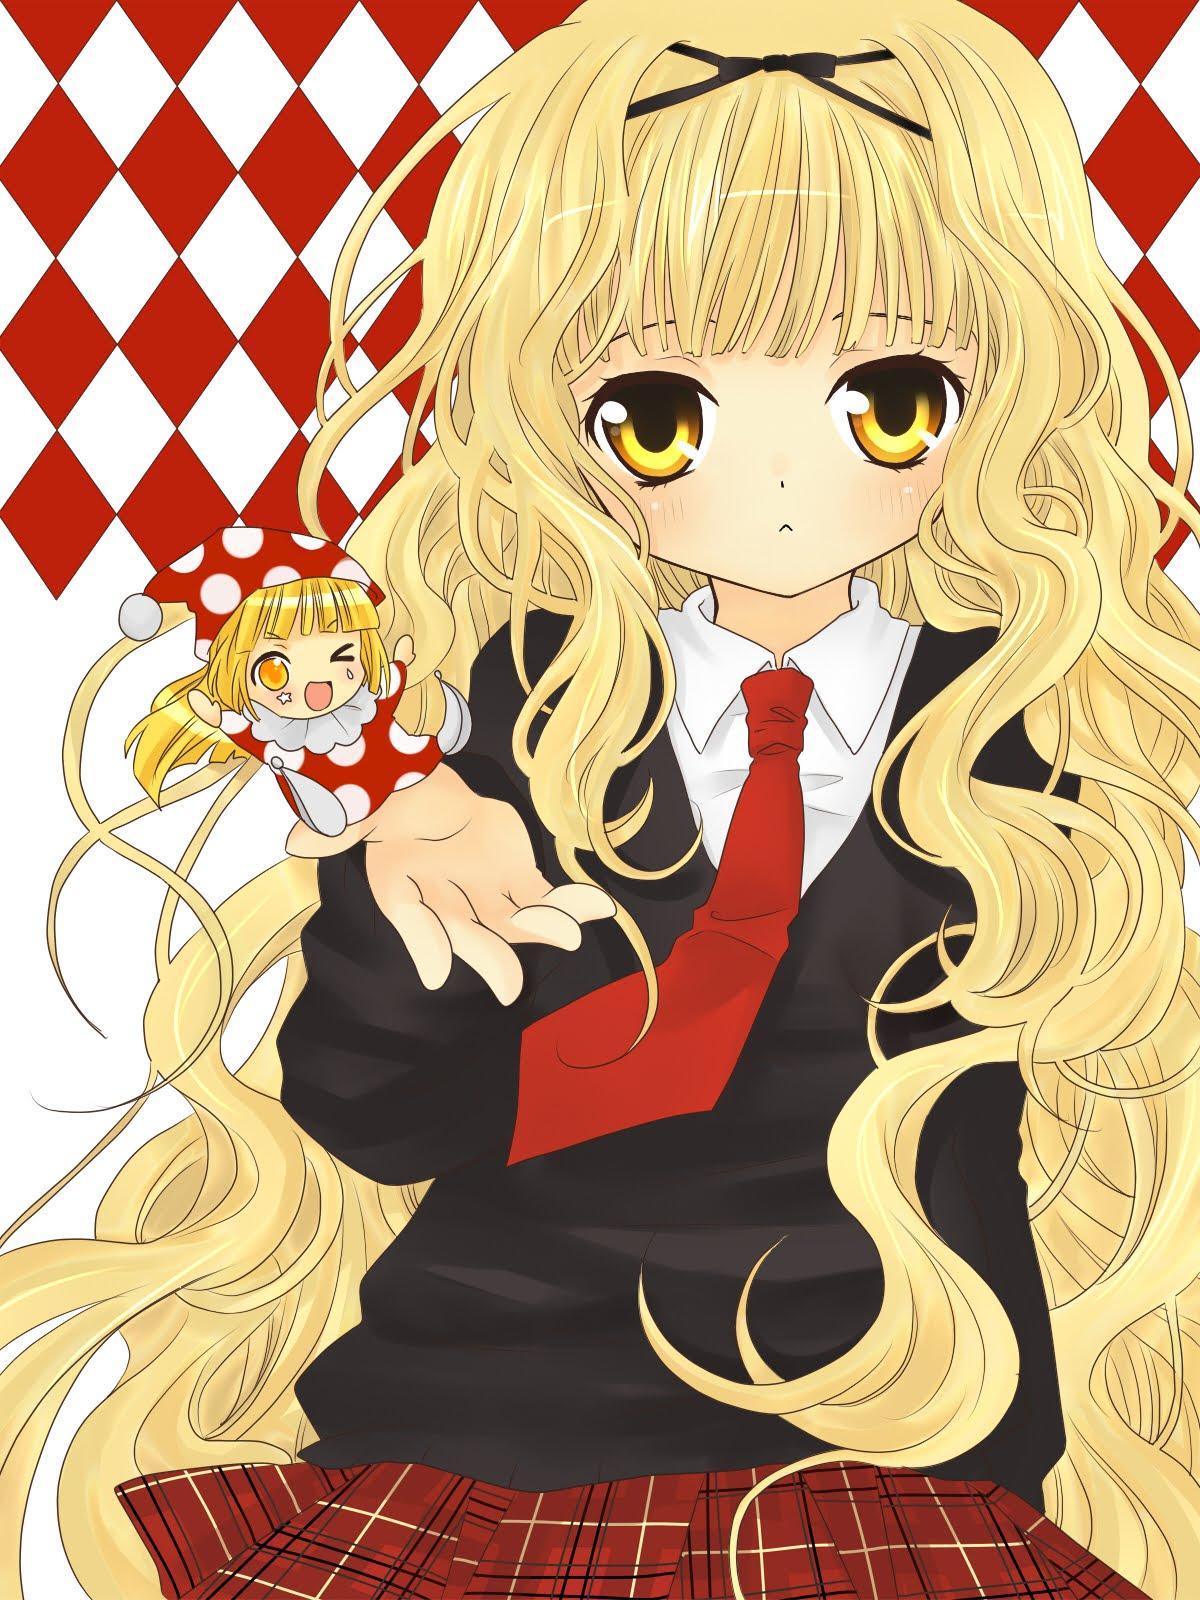 http://4.bp.blogspot.com/_opj3WtM7T_Y/TDX3WXZ_q0I/AAAAAAAAAHk/f9gifQWe0Os/s1600/Rima-Kusu-Kusu-shugo-chara-7140525-1200-1600.jpg